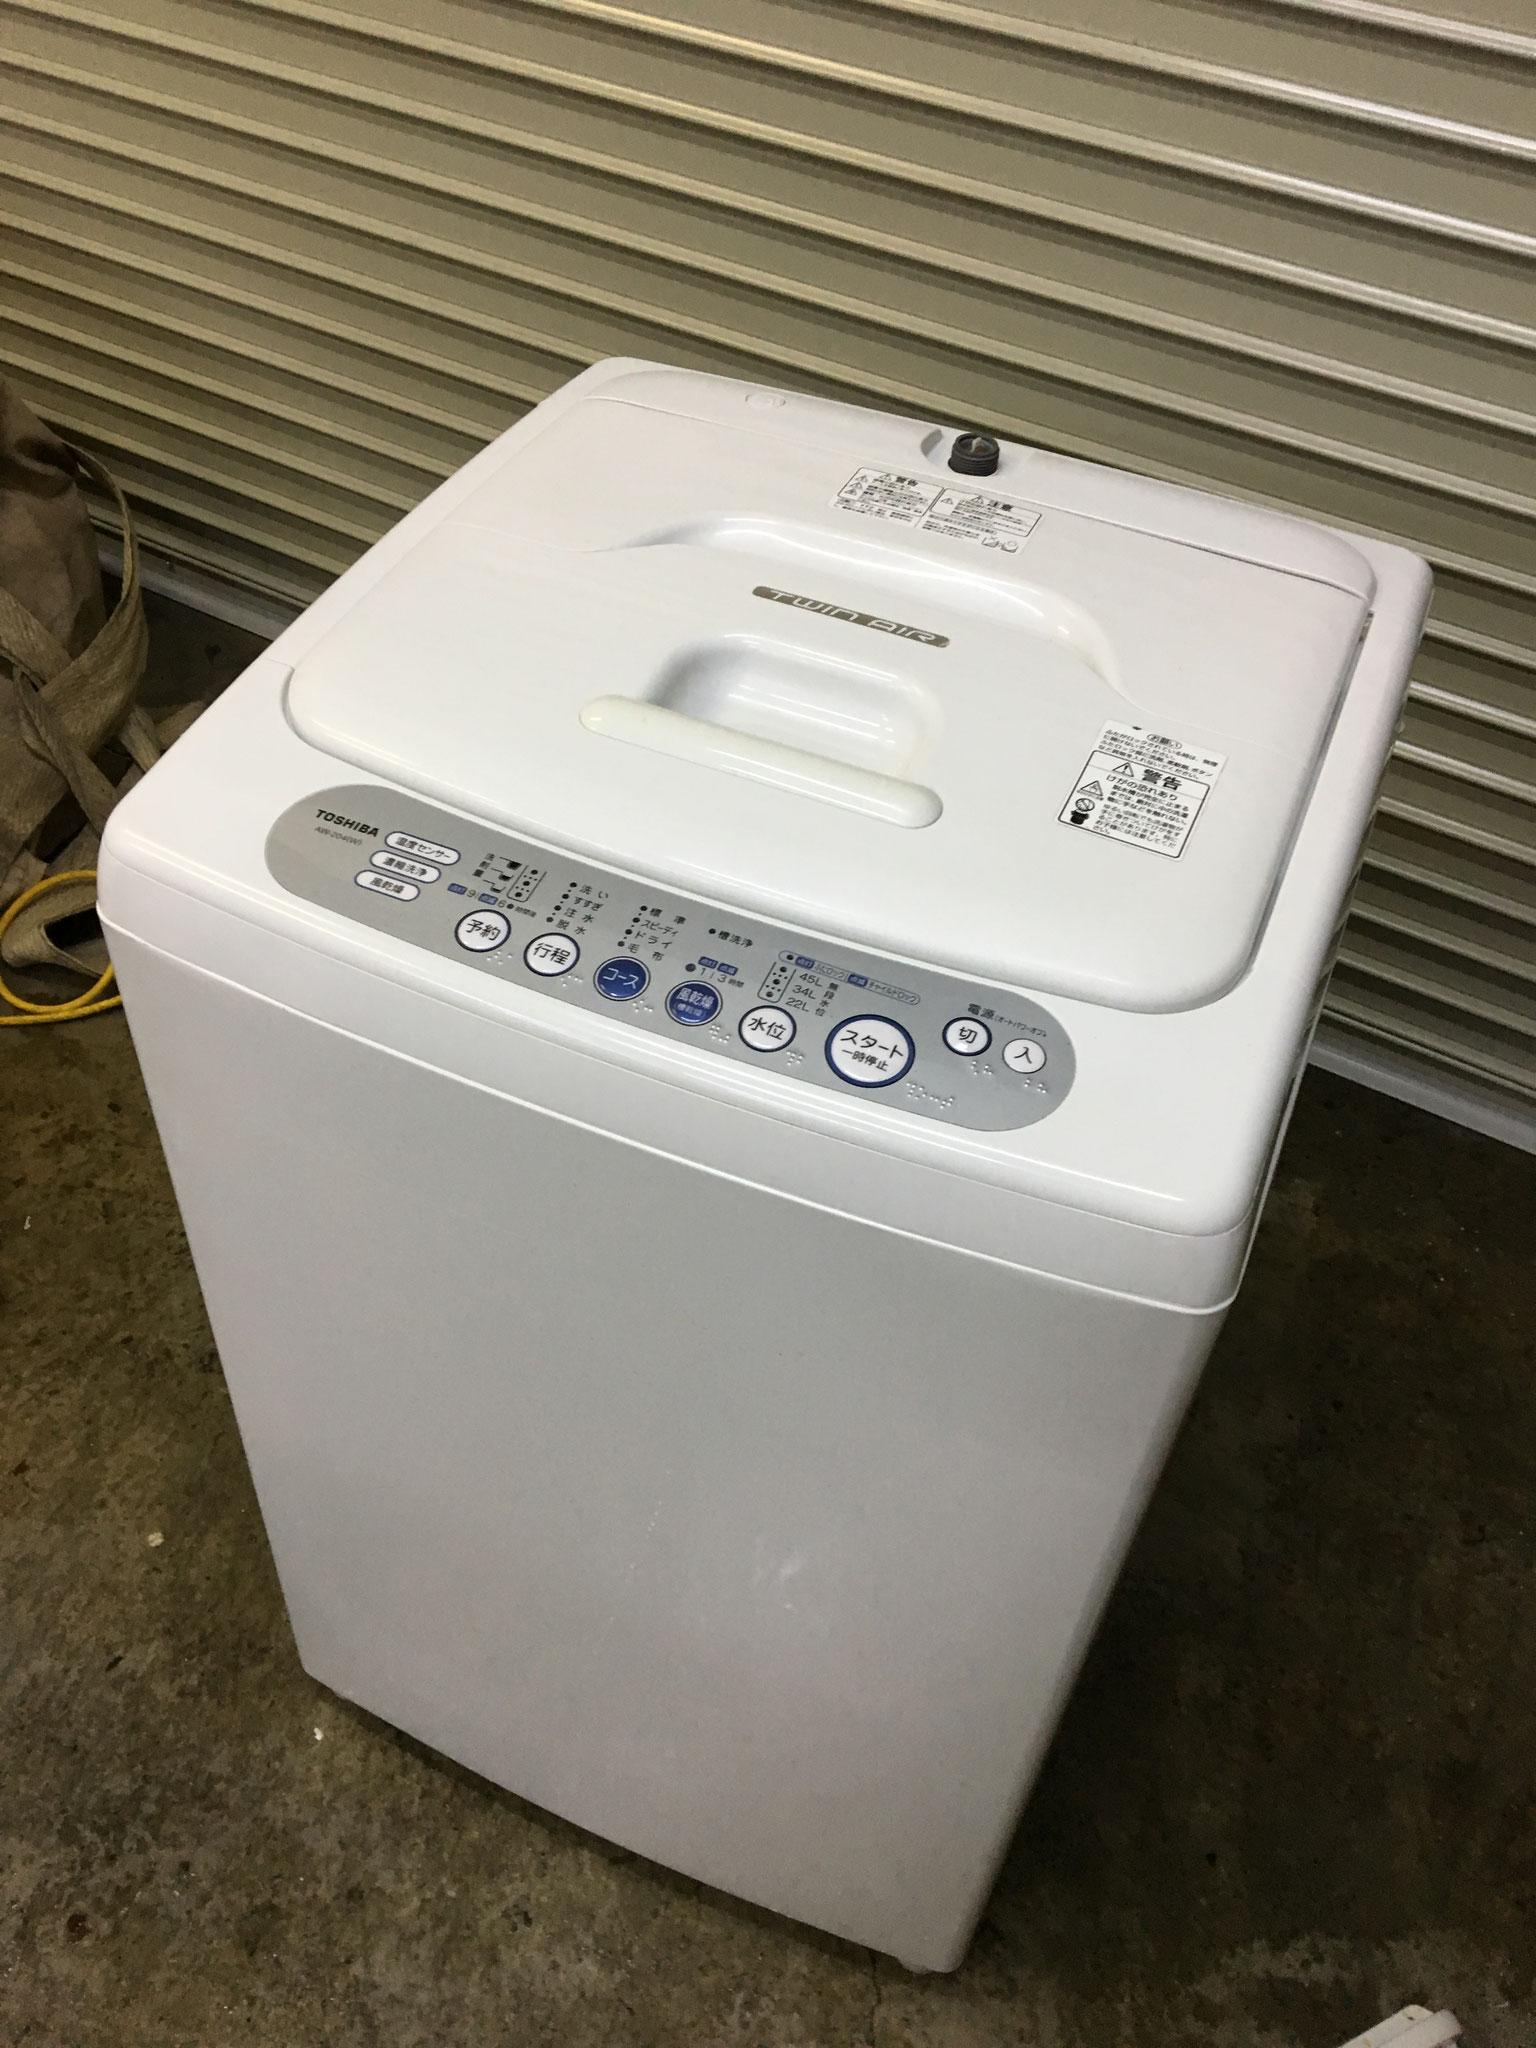 2010年製4.2㎏札幌洗濯機持込買取0円